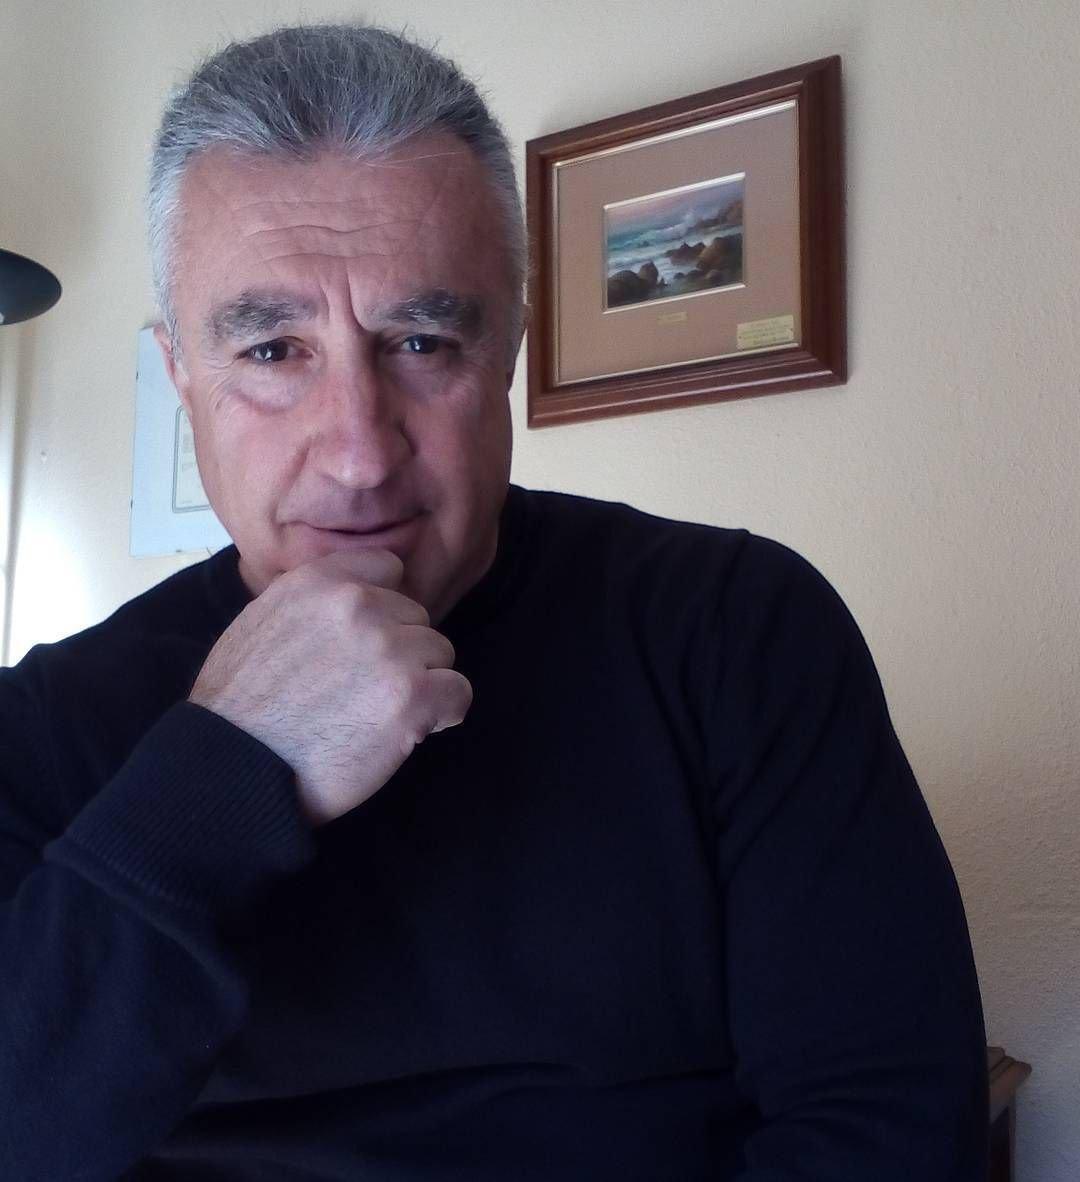 Juanmiguel Gálvez Saez - 57